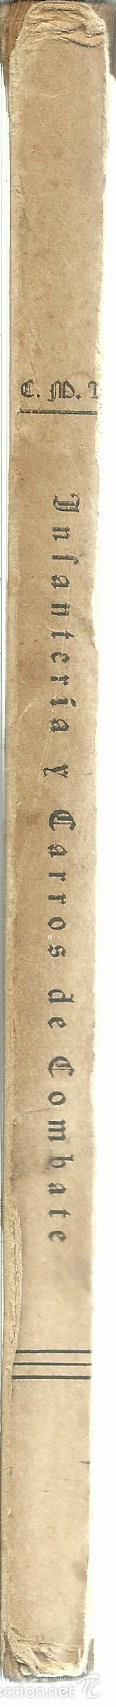 Libros de segunda mano: INFANTERÍA Y CARROS DE COMBATE. CÉSAR MANTILLA LAUTREC. MADRID. 1948 - Foto 2 - 55315324